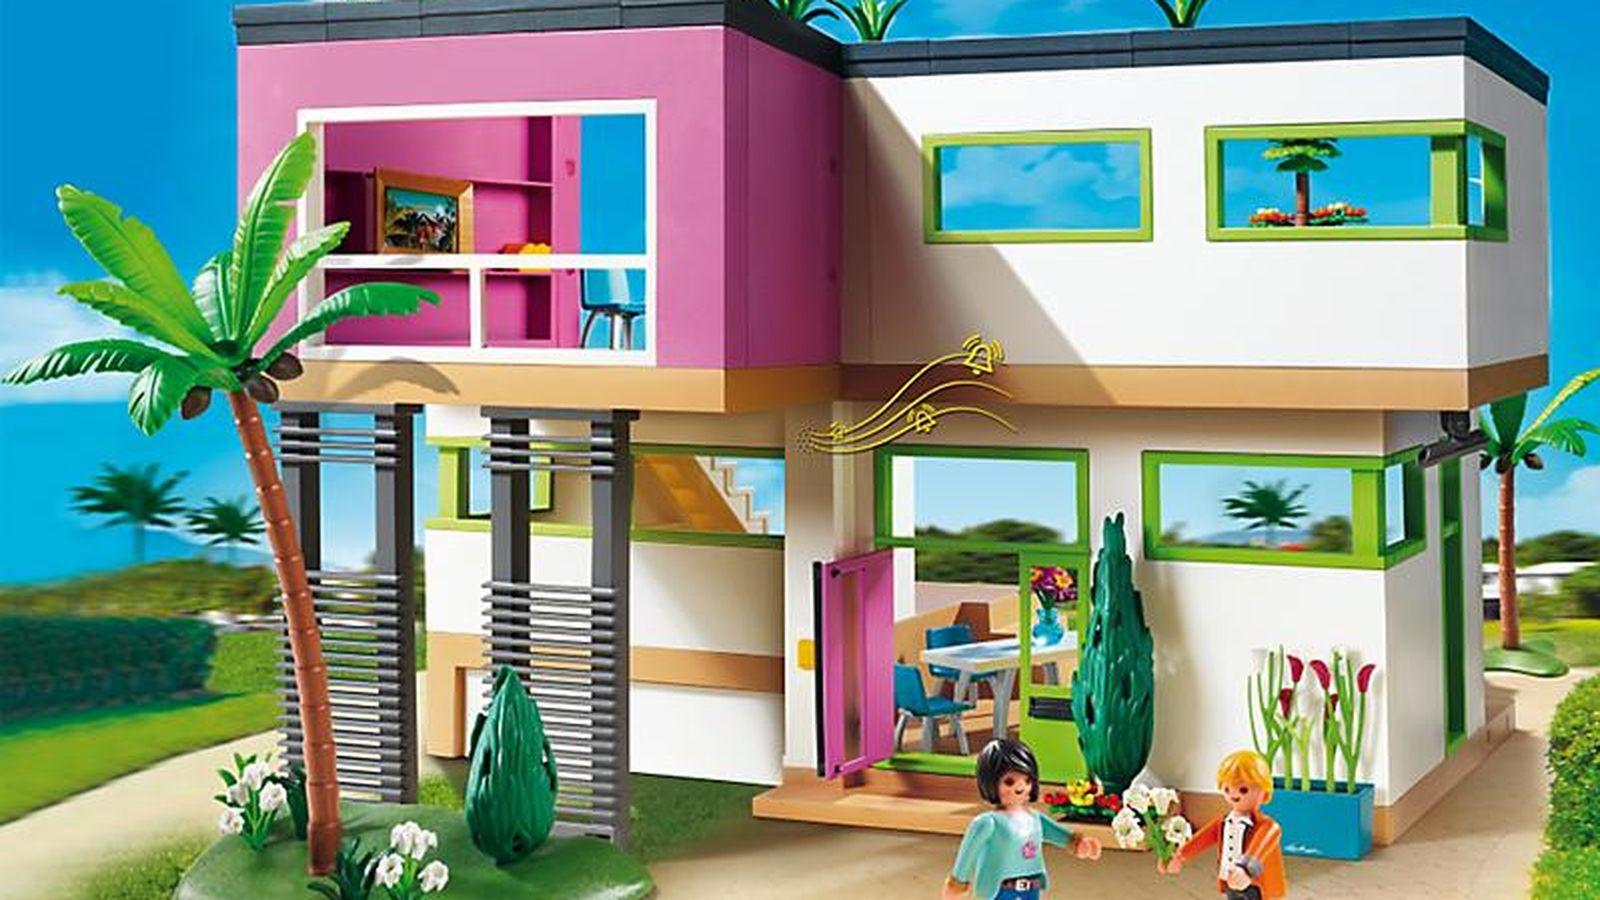 Vivienda la casa de lujo de playmobil valorada en 6 for Casa moderna playmobil 5574